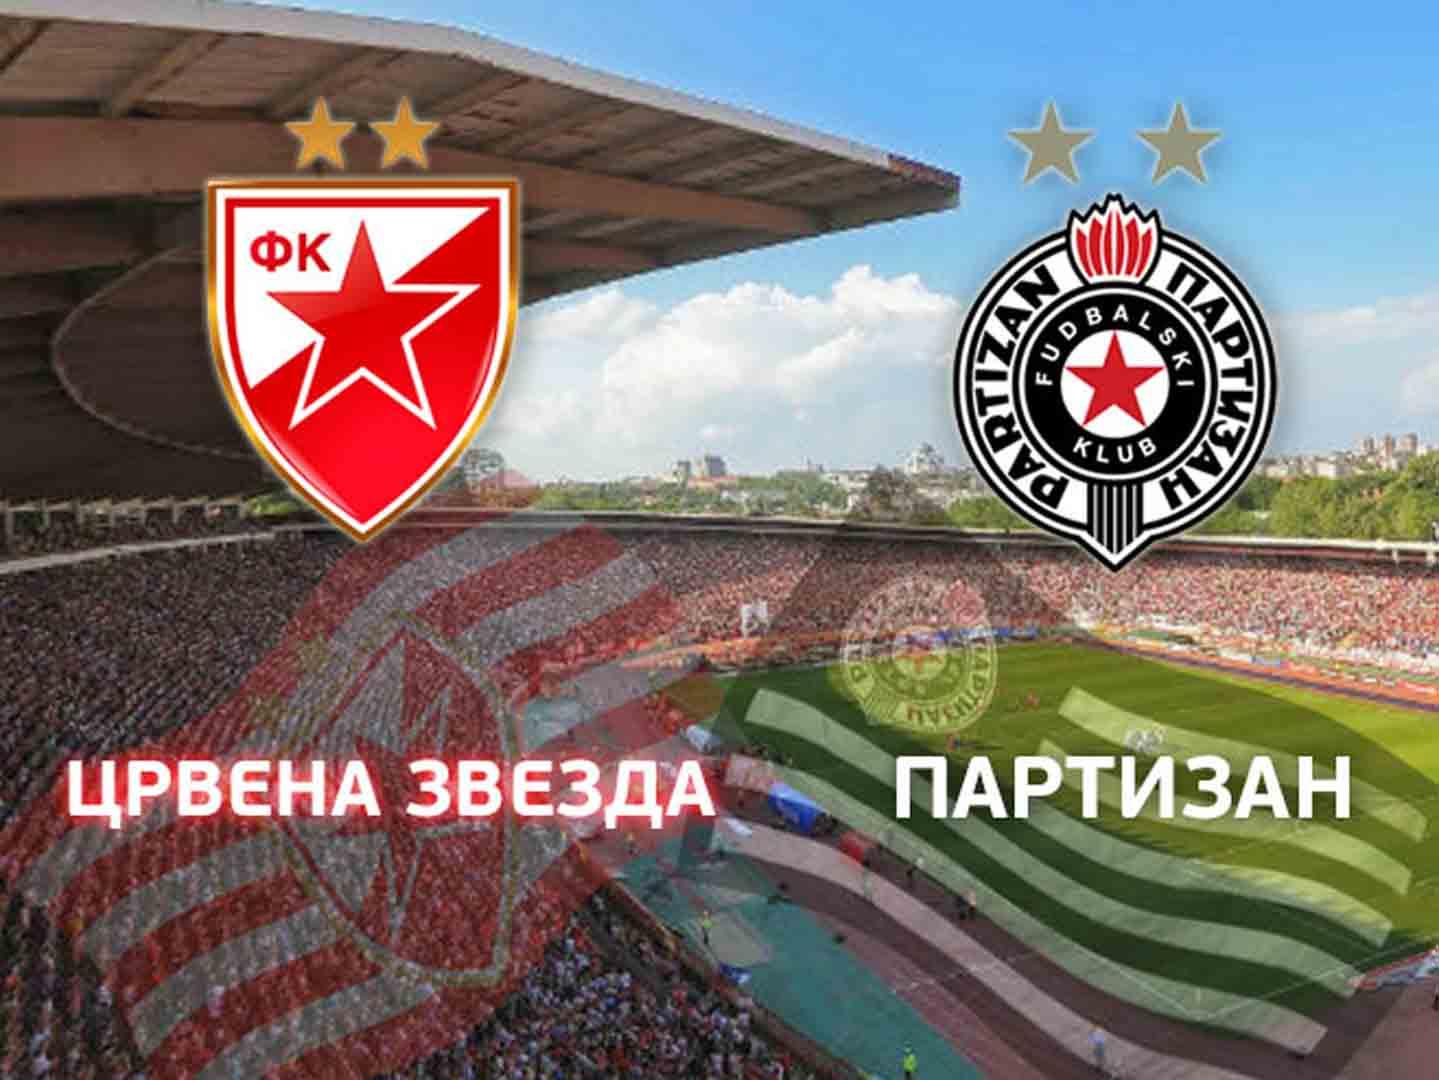 Zvezda Ili Partizan Derbi Za Koga ćete Navijati Ovog Proleća